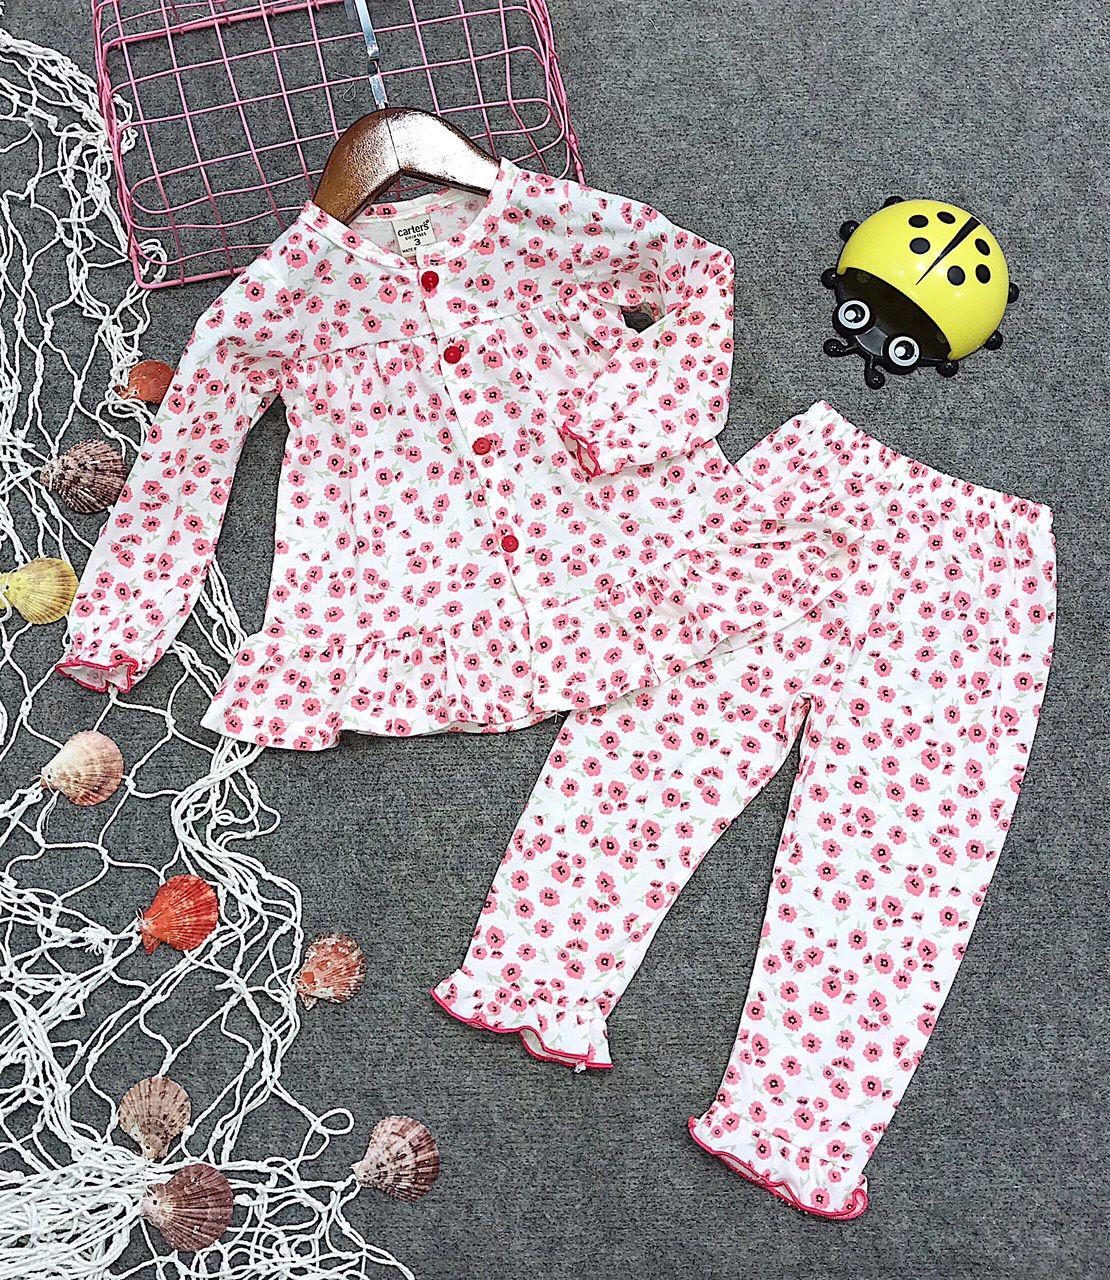 Đồ bộ bé gái hình hoa màu hồng (1-6 tuổi)